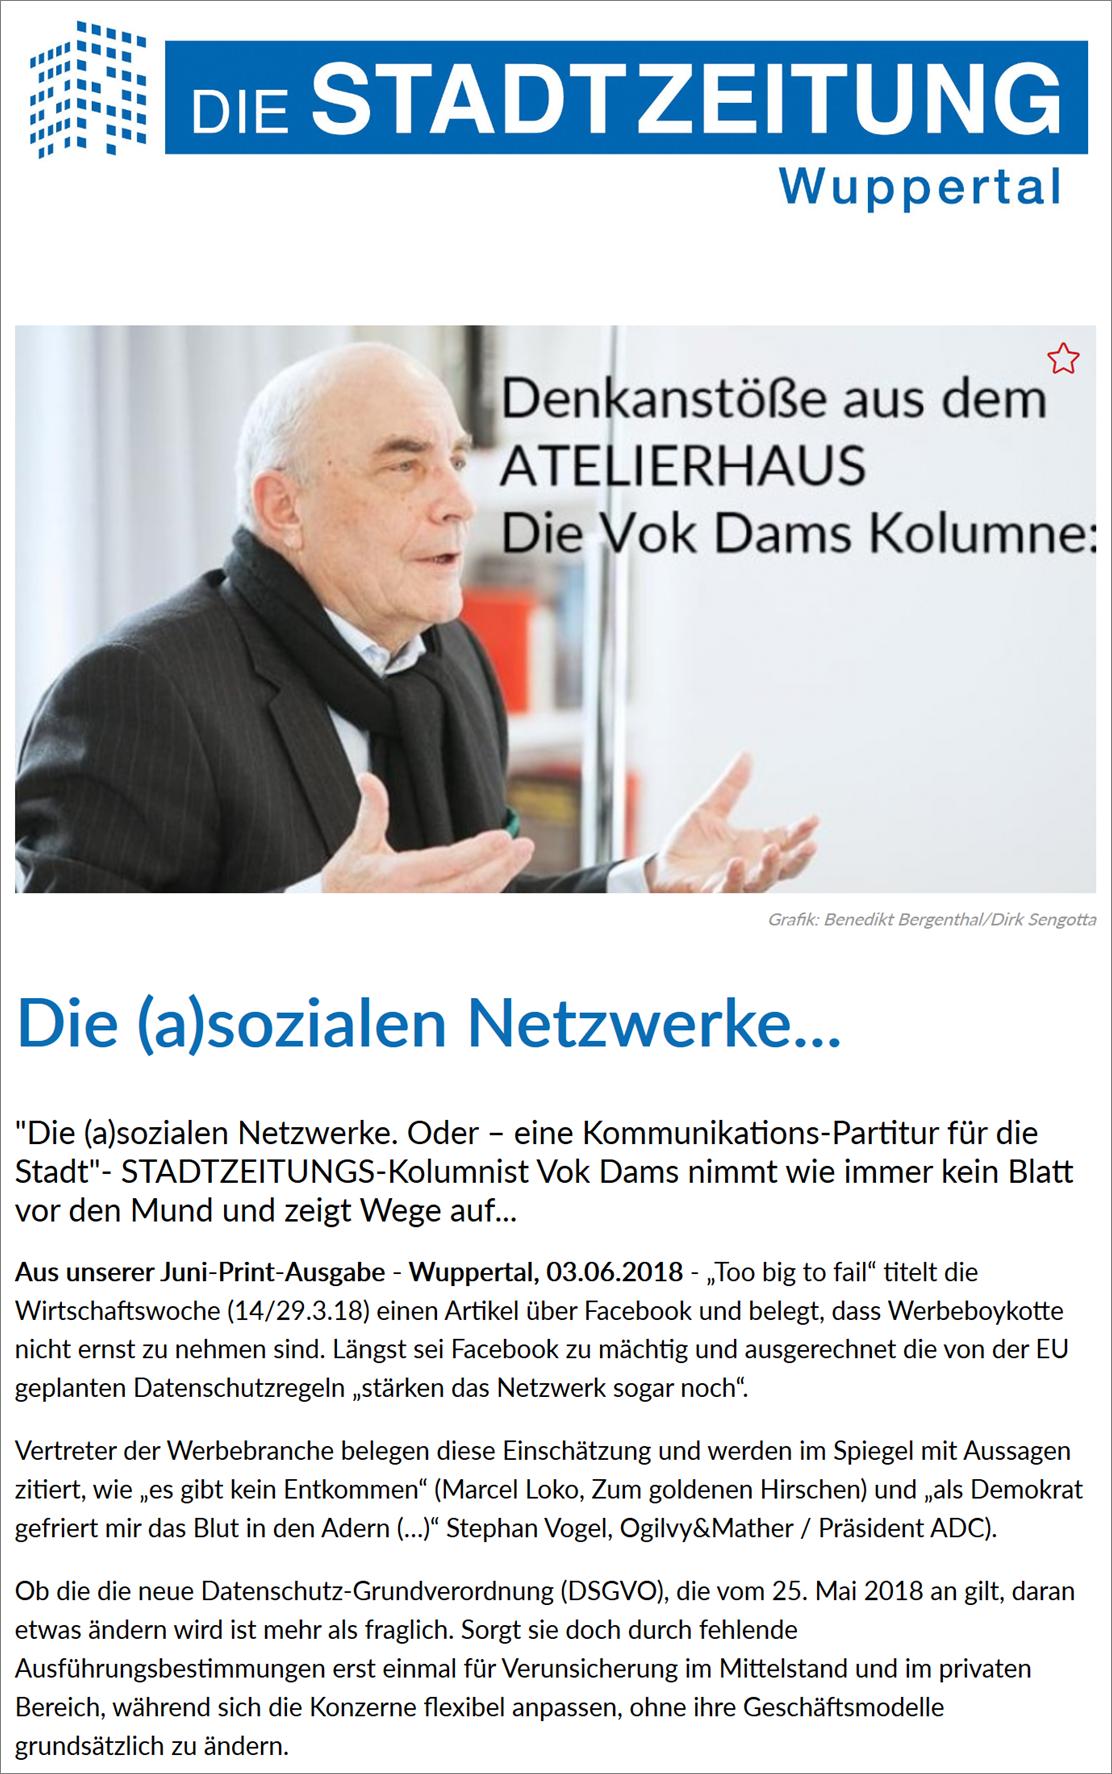 18-06-05_Die Stadtzeitung Wuppertal Ausgabe 38